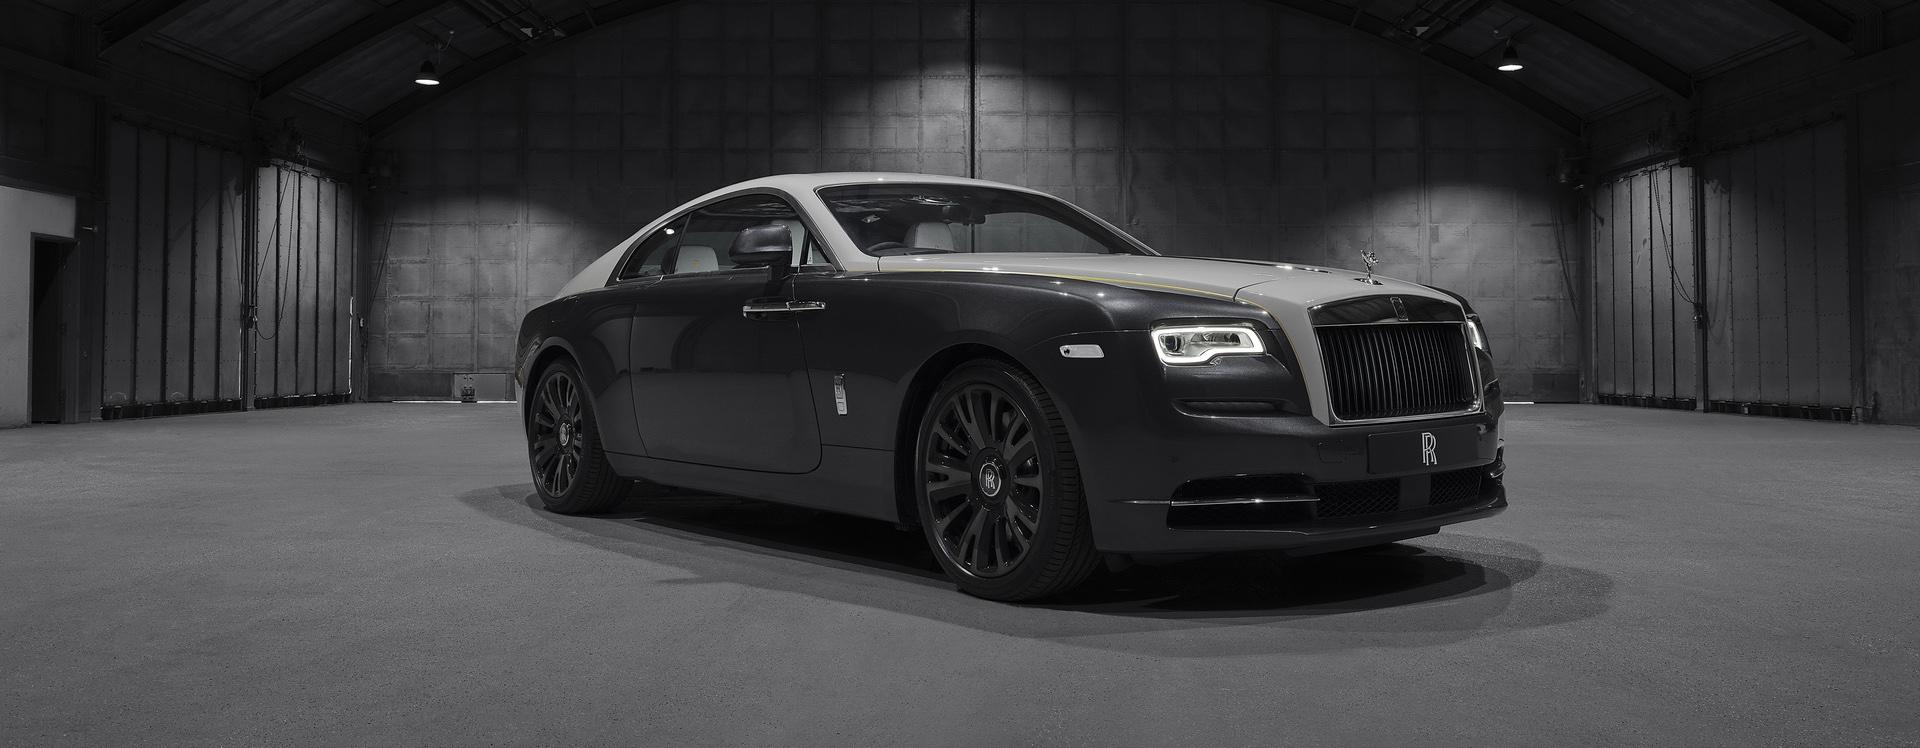 Rolls-Royce Wraith Eagle VIII siêu sang tái hiện chuyến bay lịch sử 100 năm trước - 01